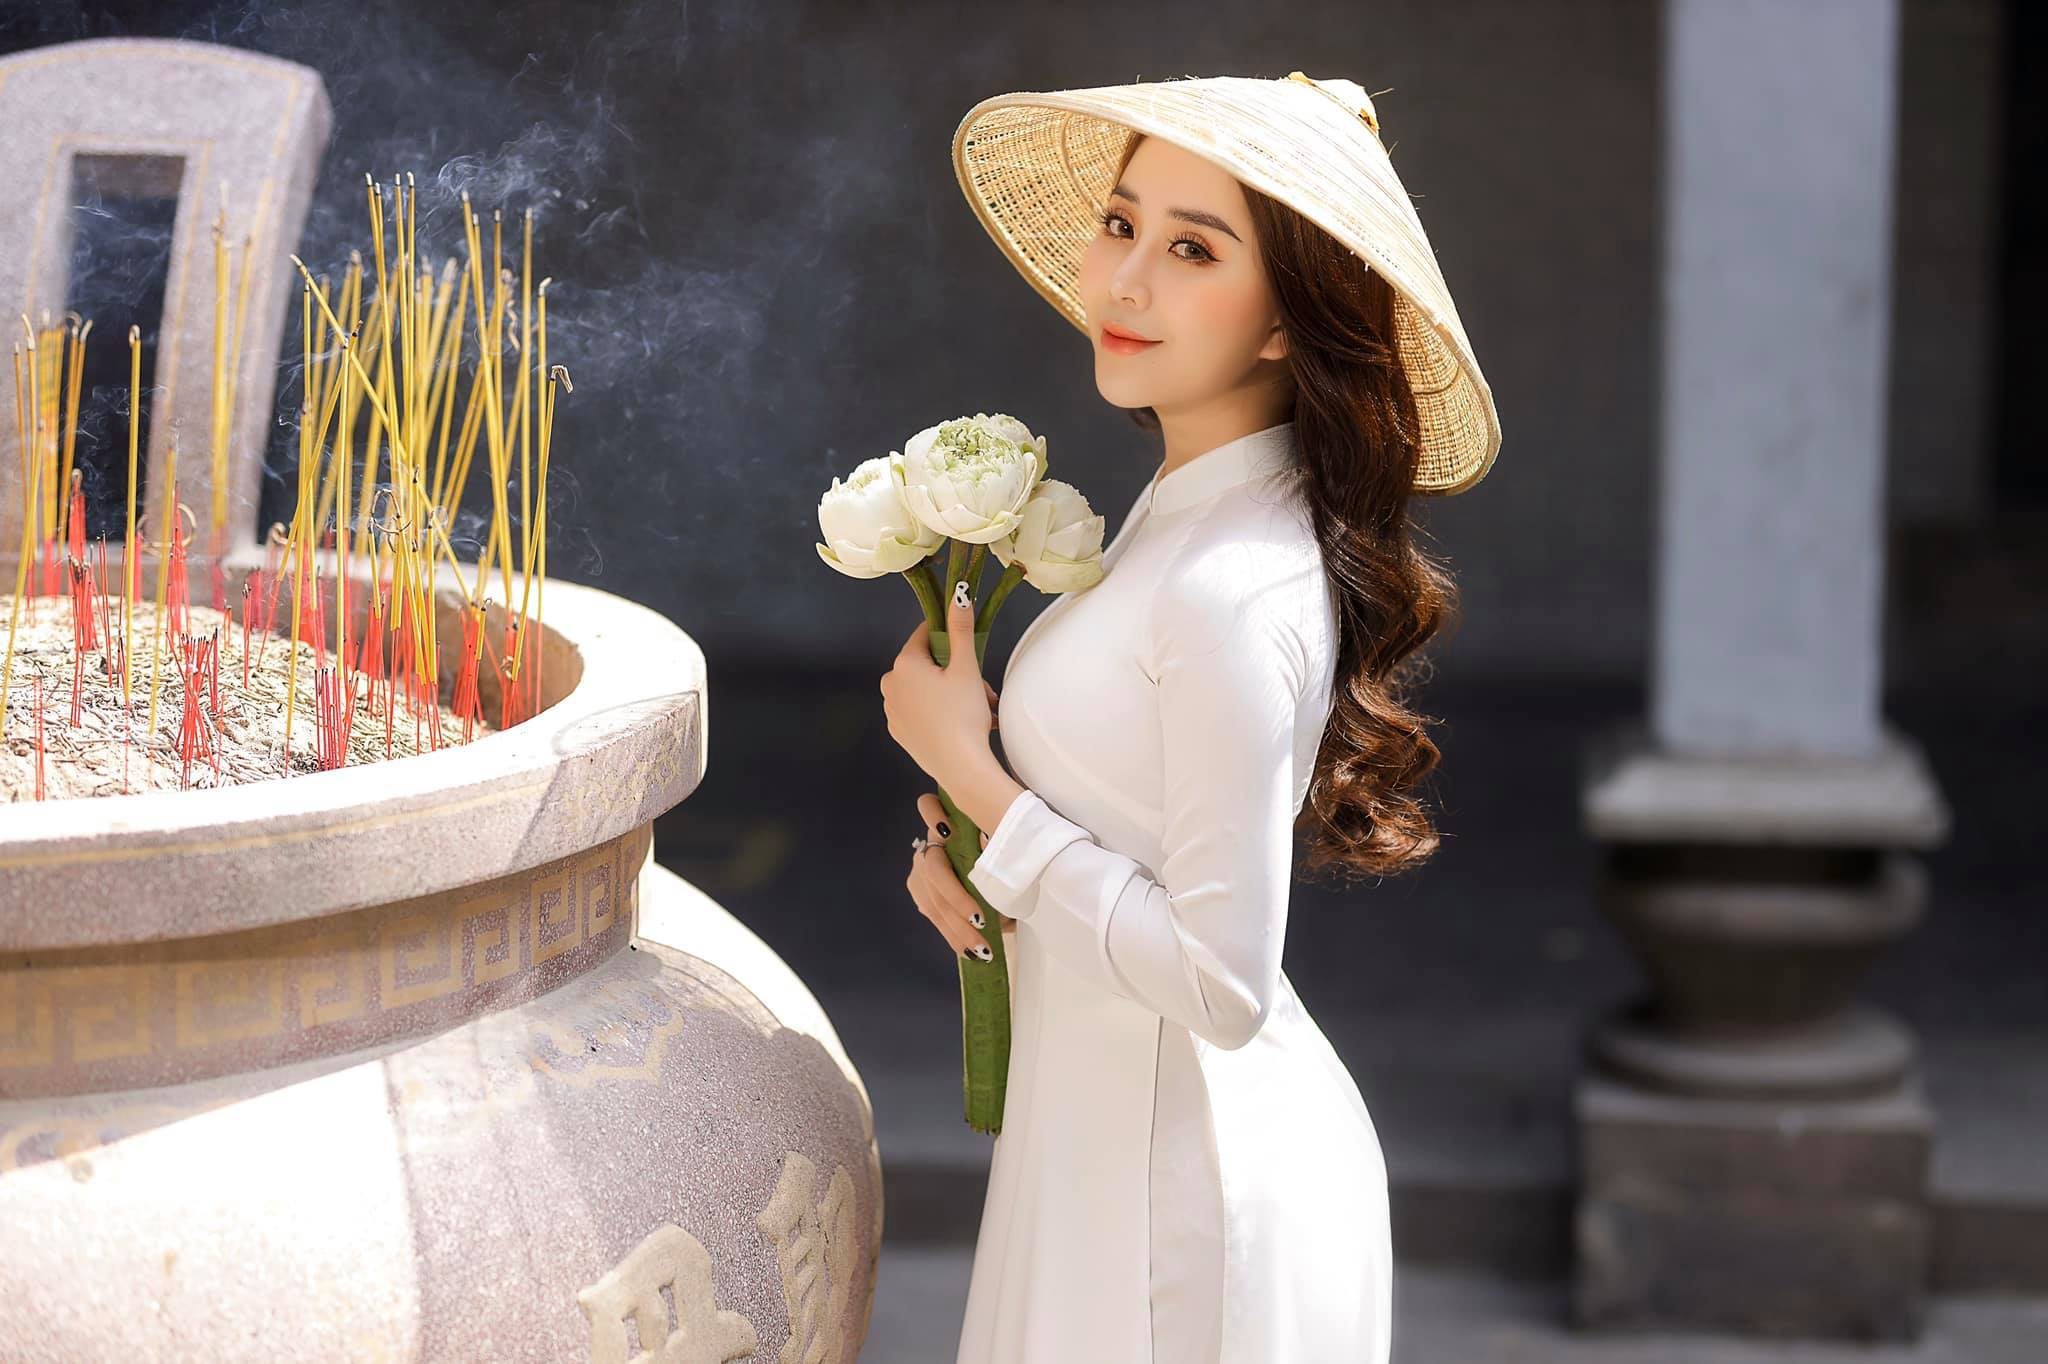 Ngắm hot girl Lục Anh xinh đẹp như hoa không sao tả xiết trong tà áo dài truyền thống - 3